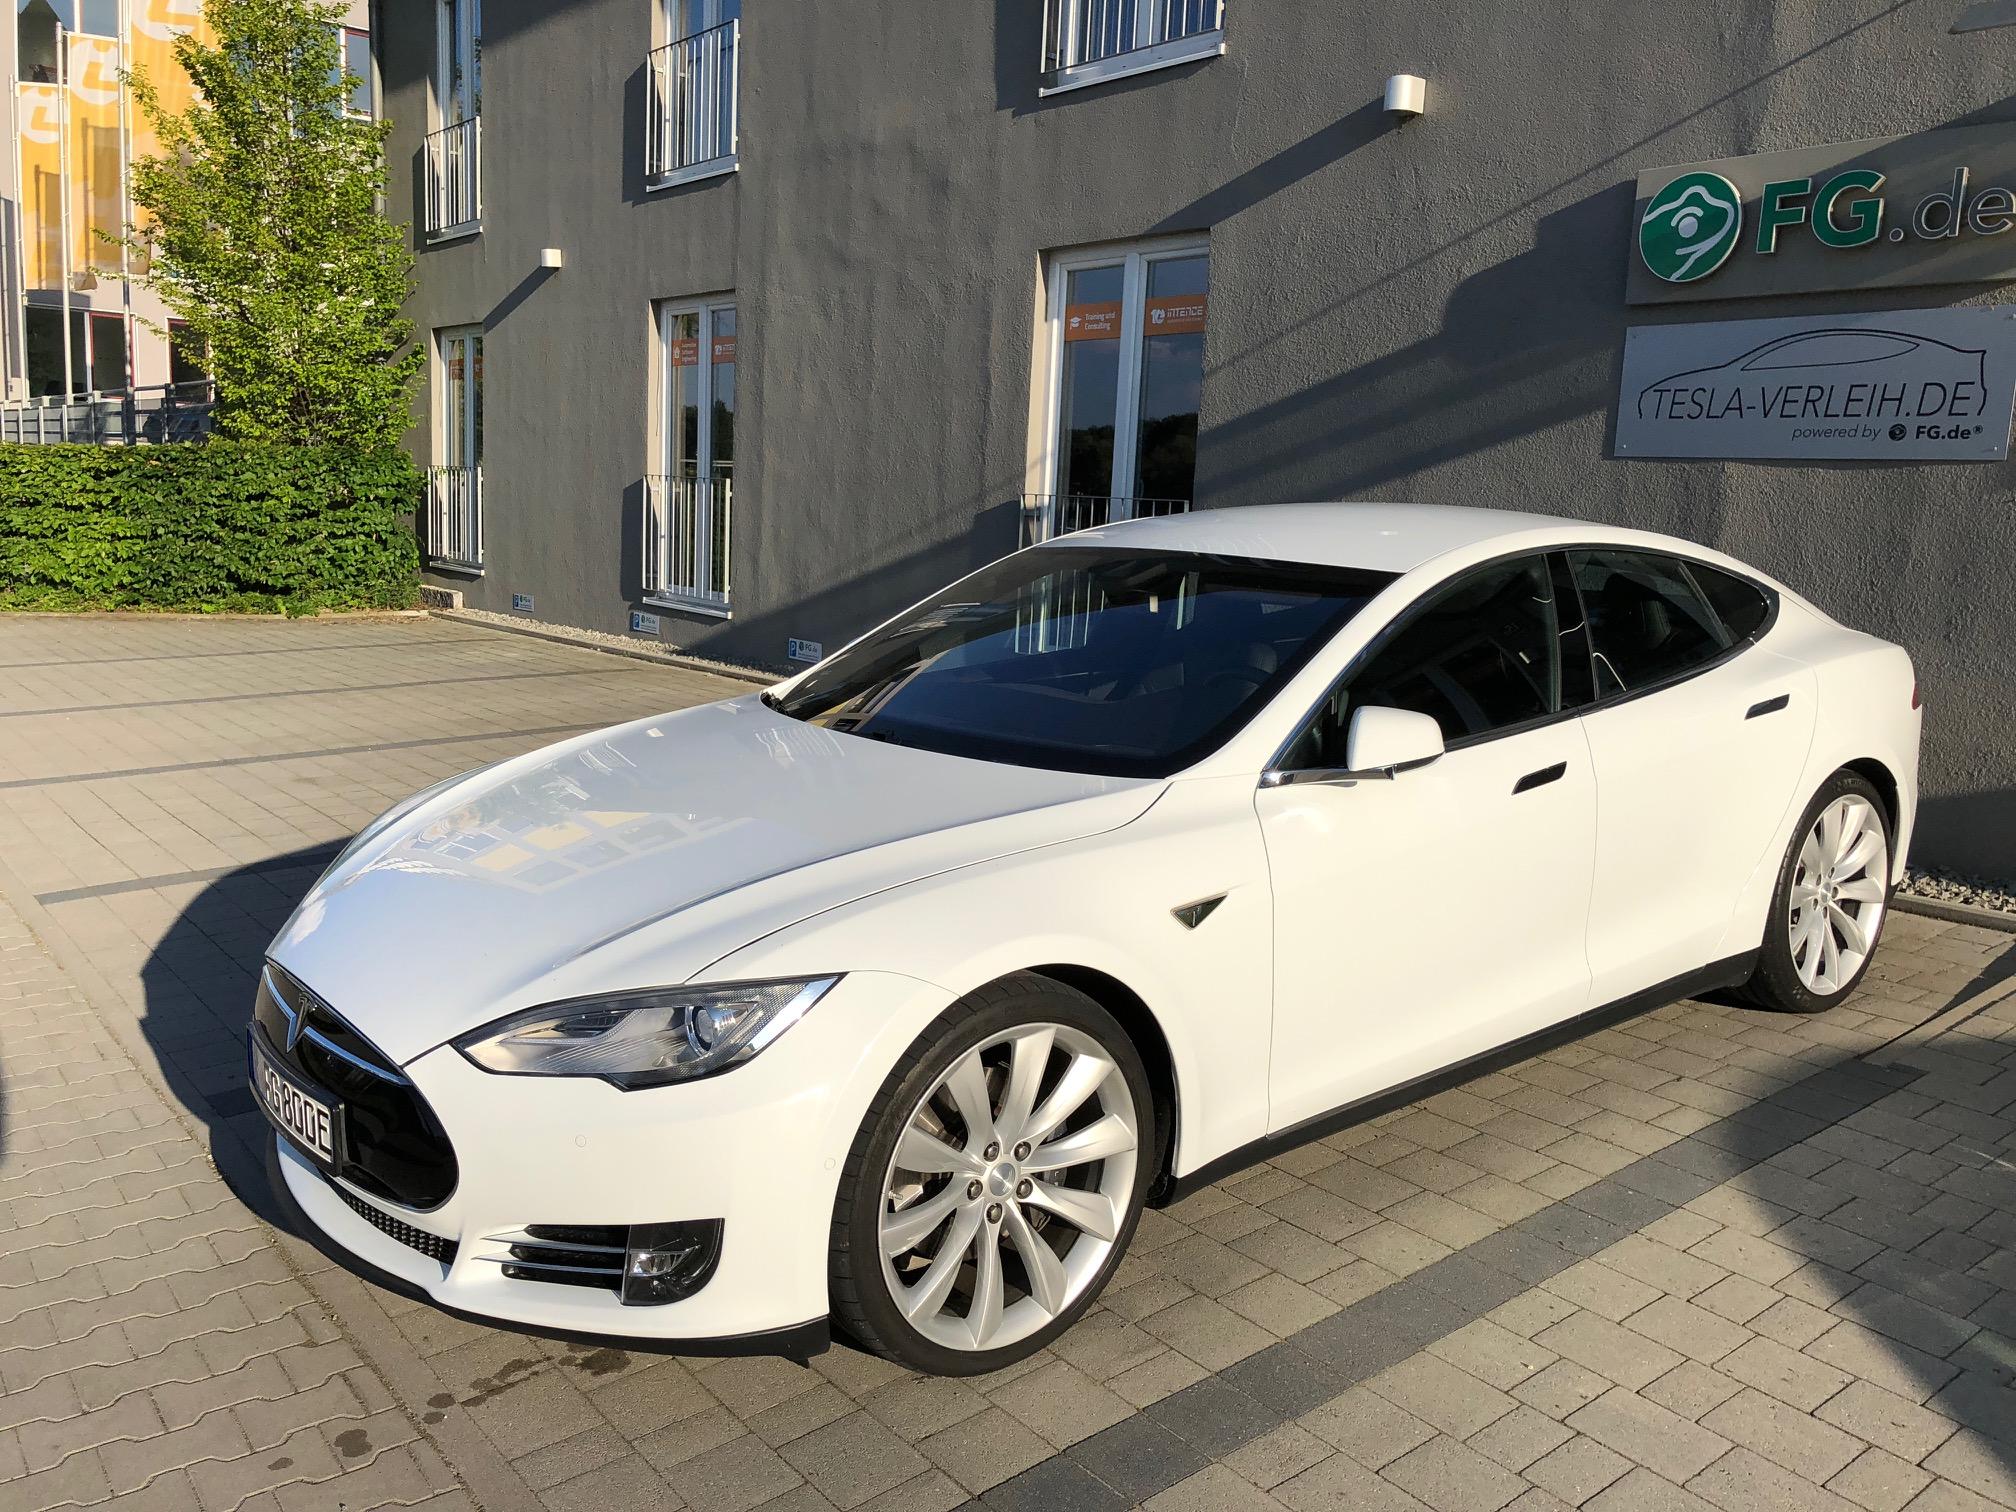 Ein weißer Tesla steht auf einem Parkplatz vor einem Firmengebäude